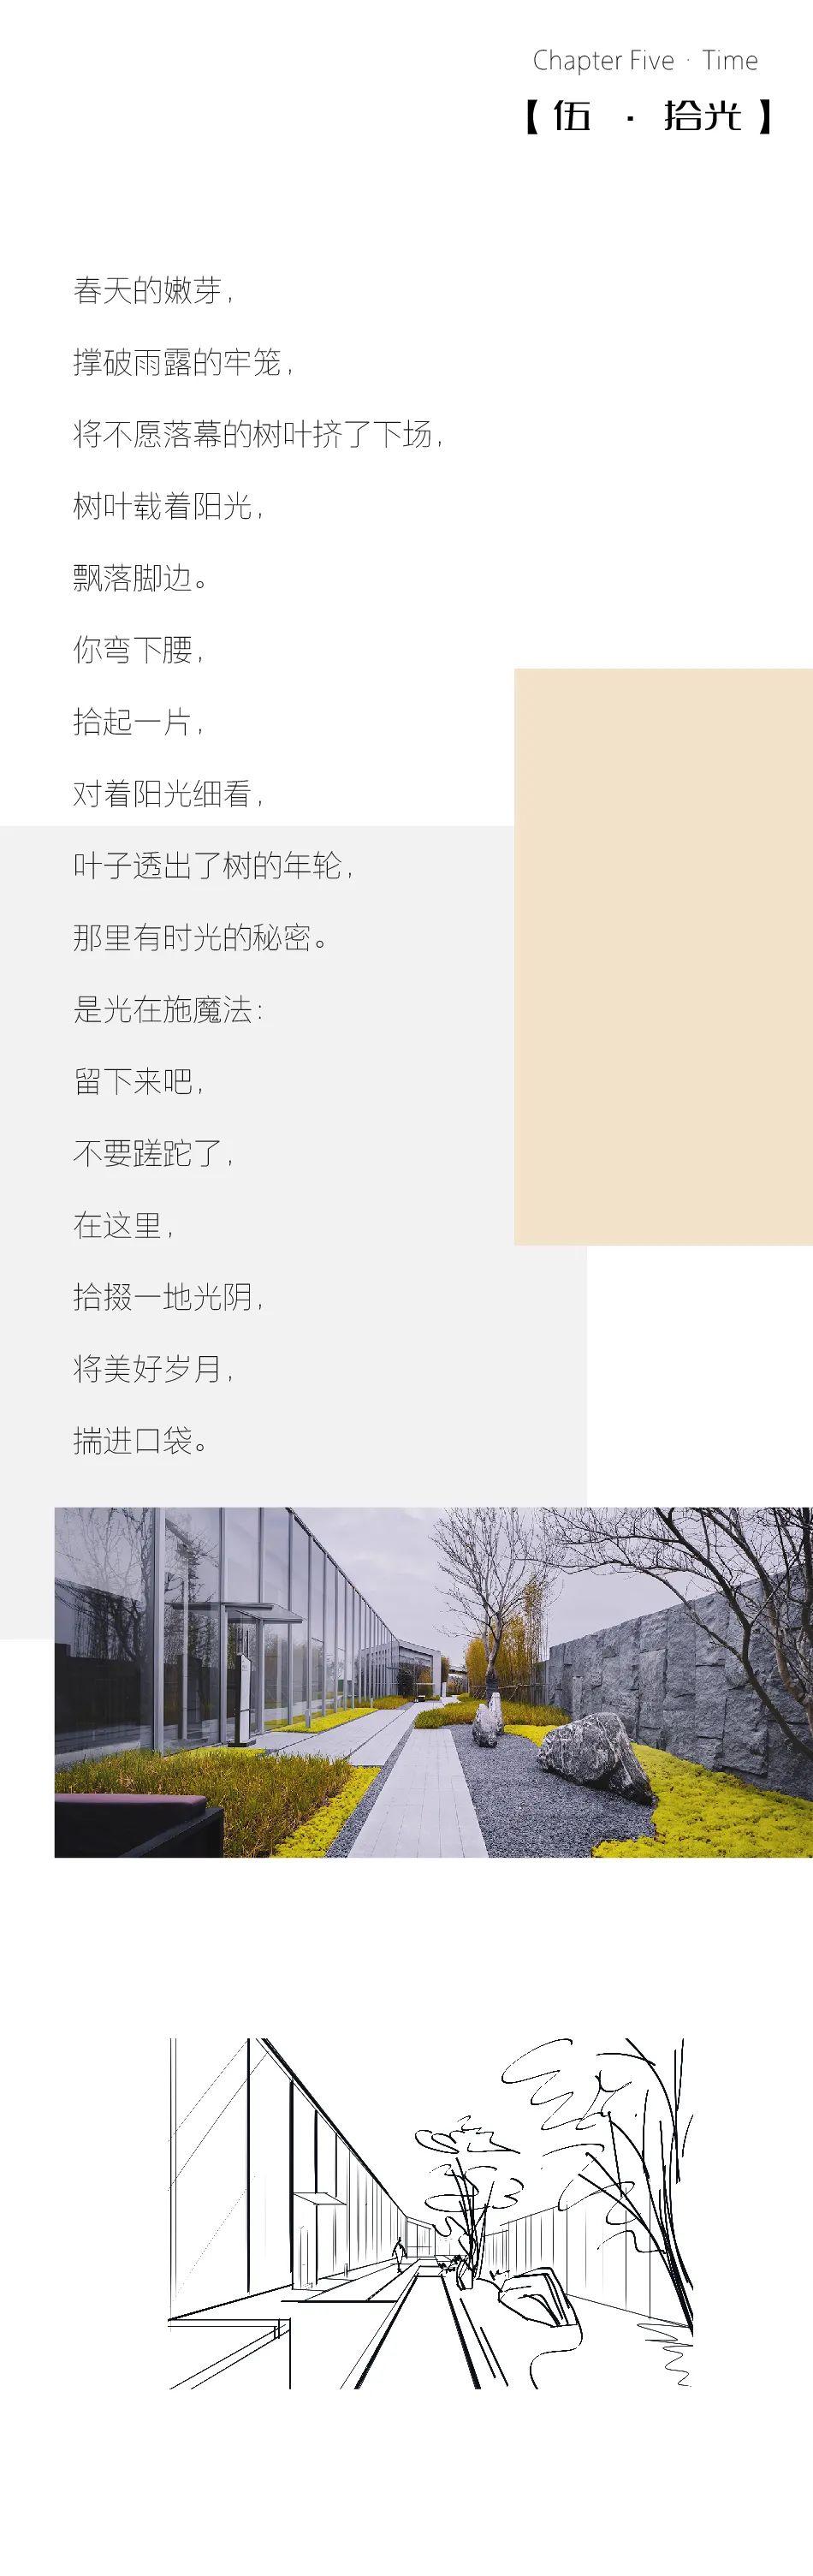 广州保利拾·光年 景观设计 / GVL怡境设计